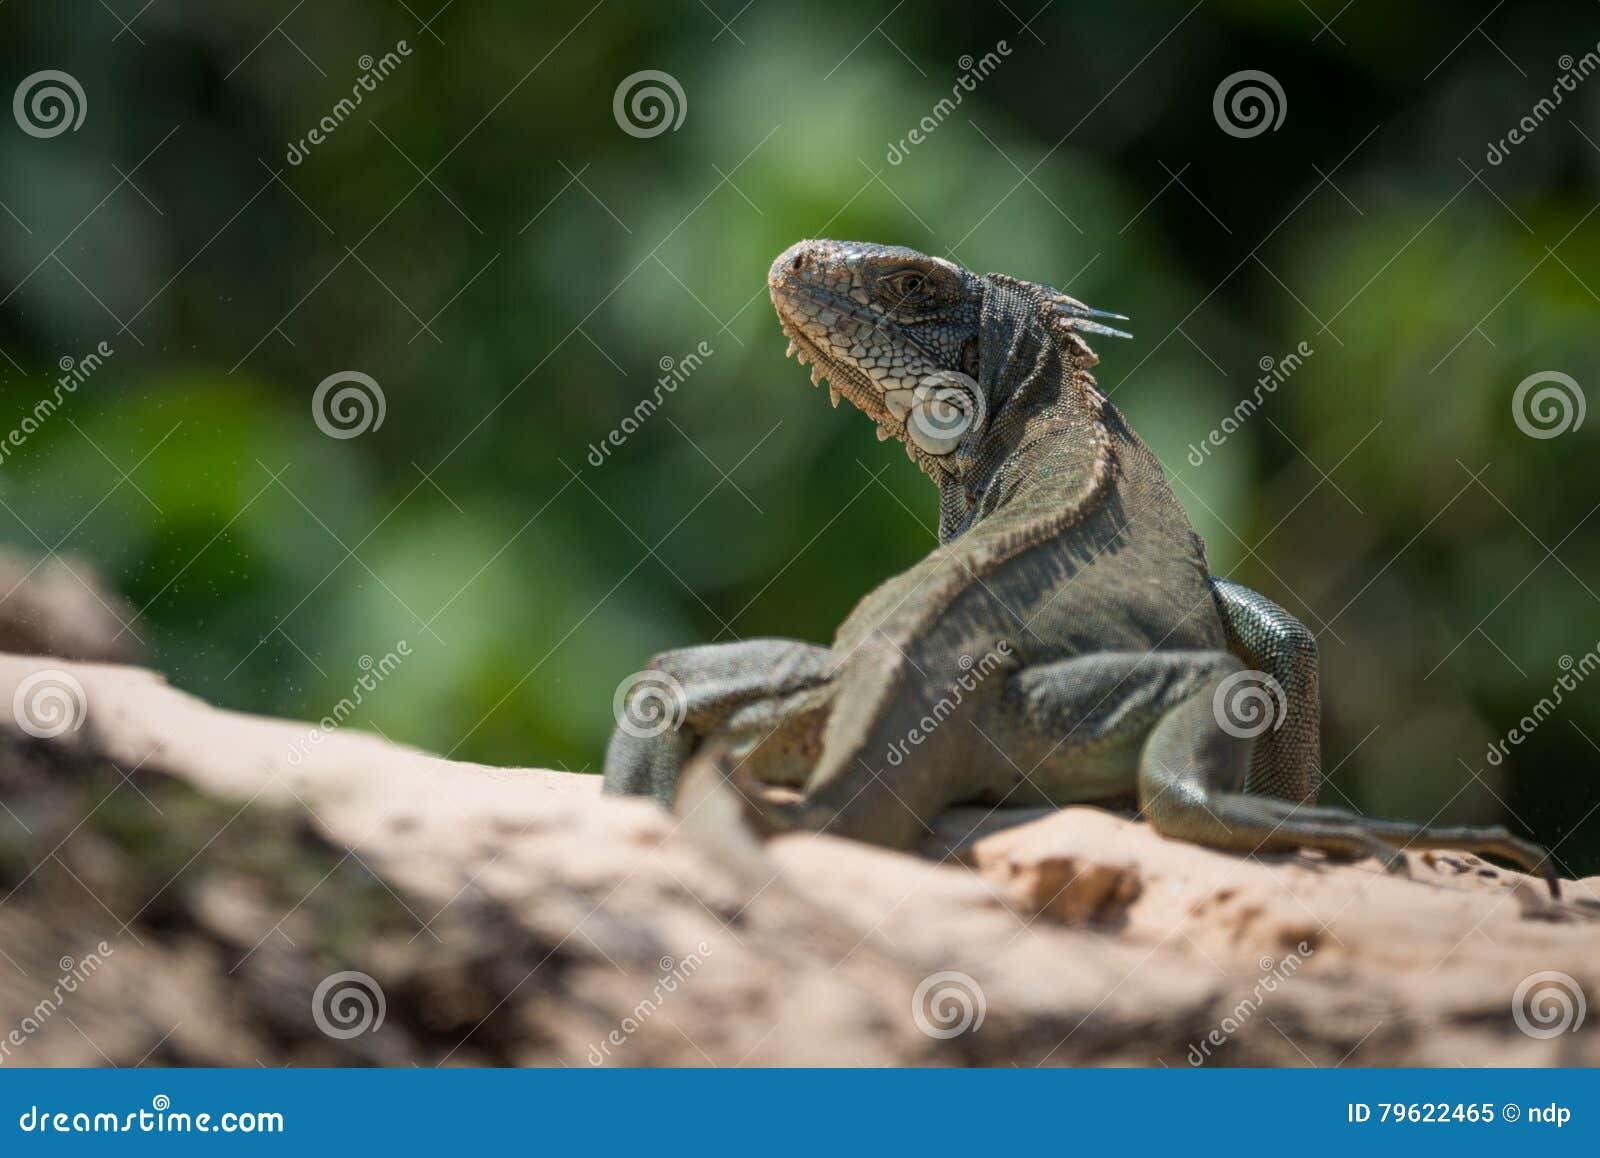 Iguana verde no horizonte que gira para a câmera